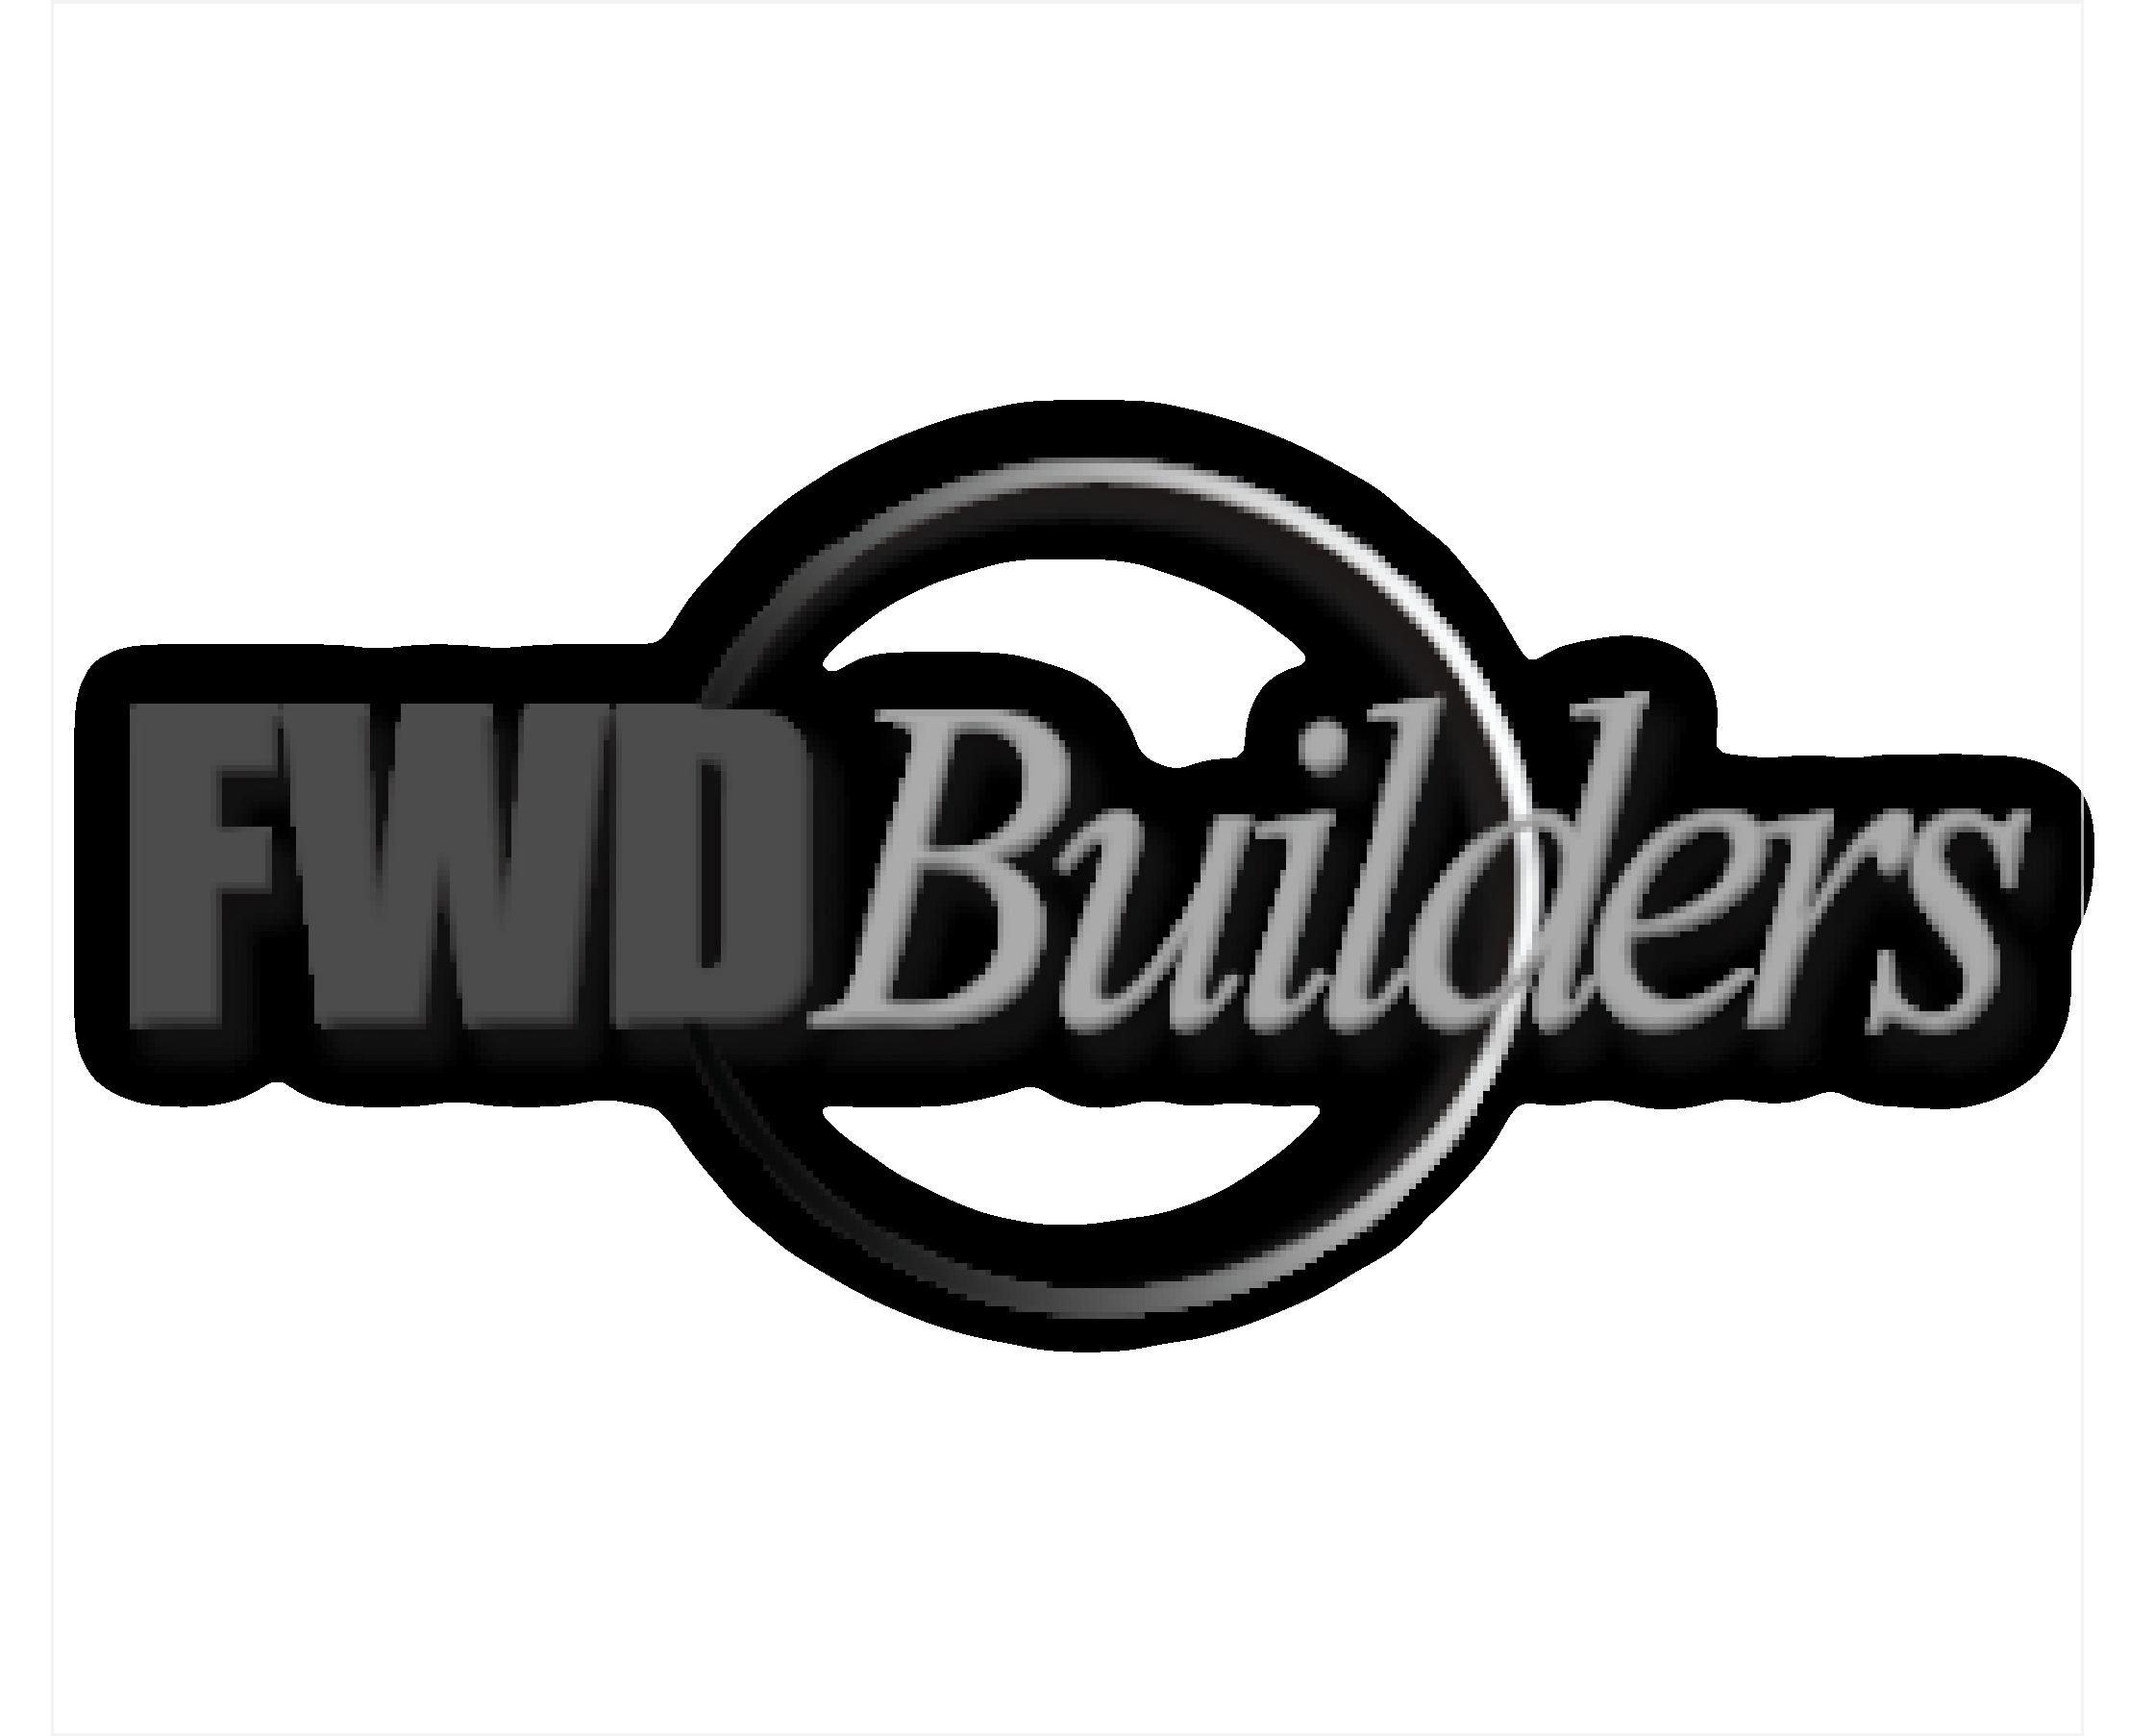 FWD Builders